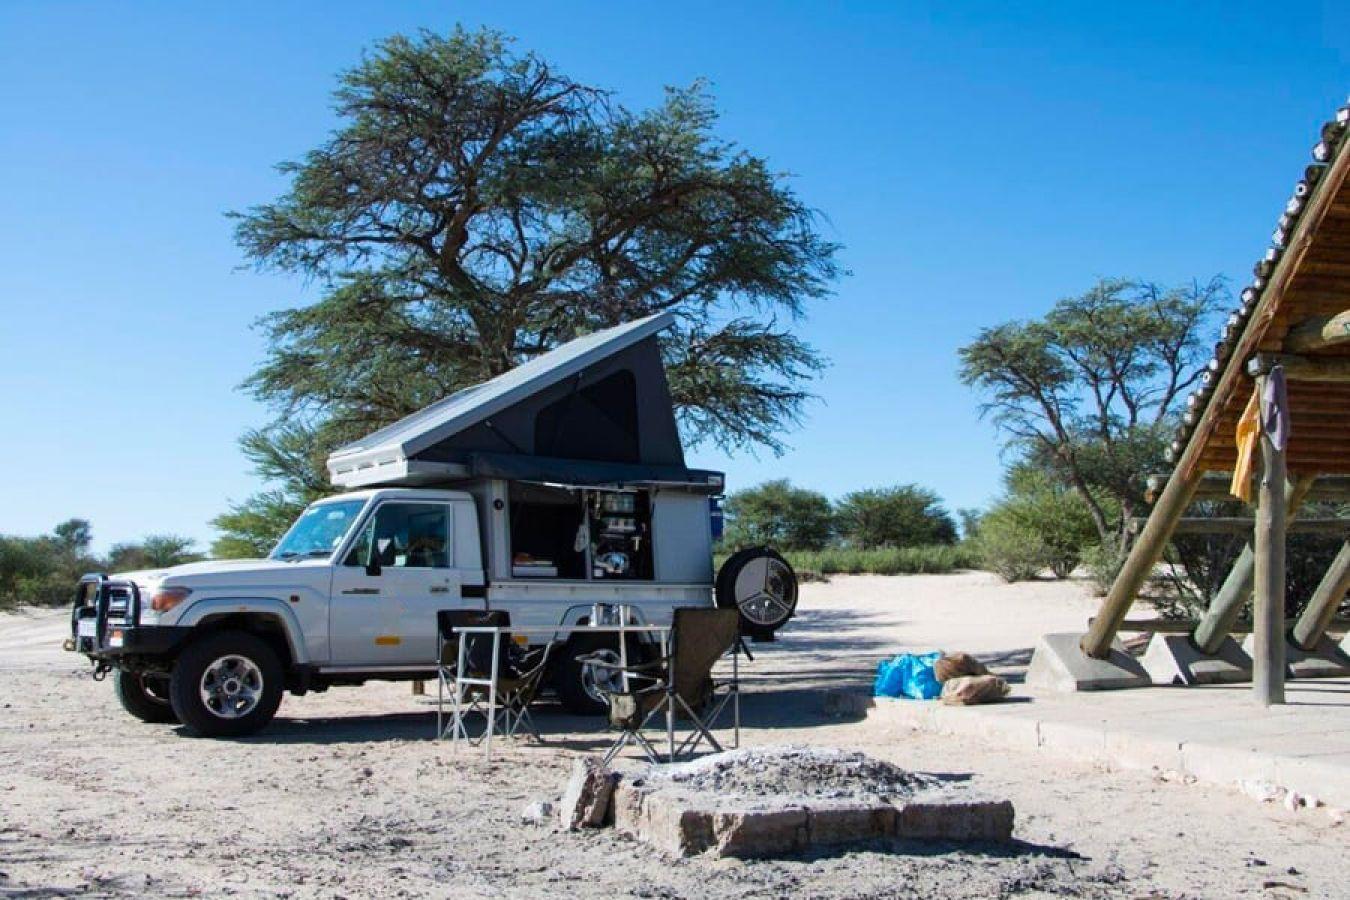 Toyota Landcruiser Bush Camper op campsite